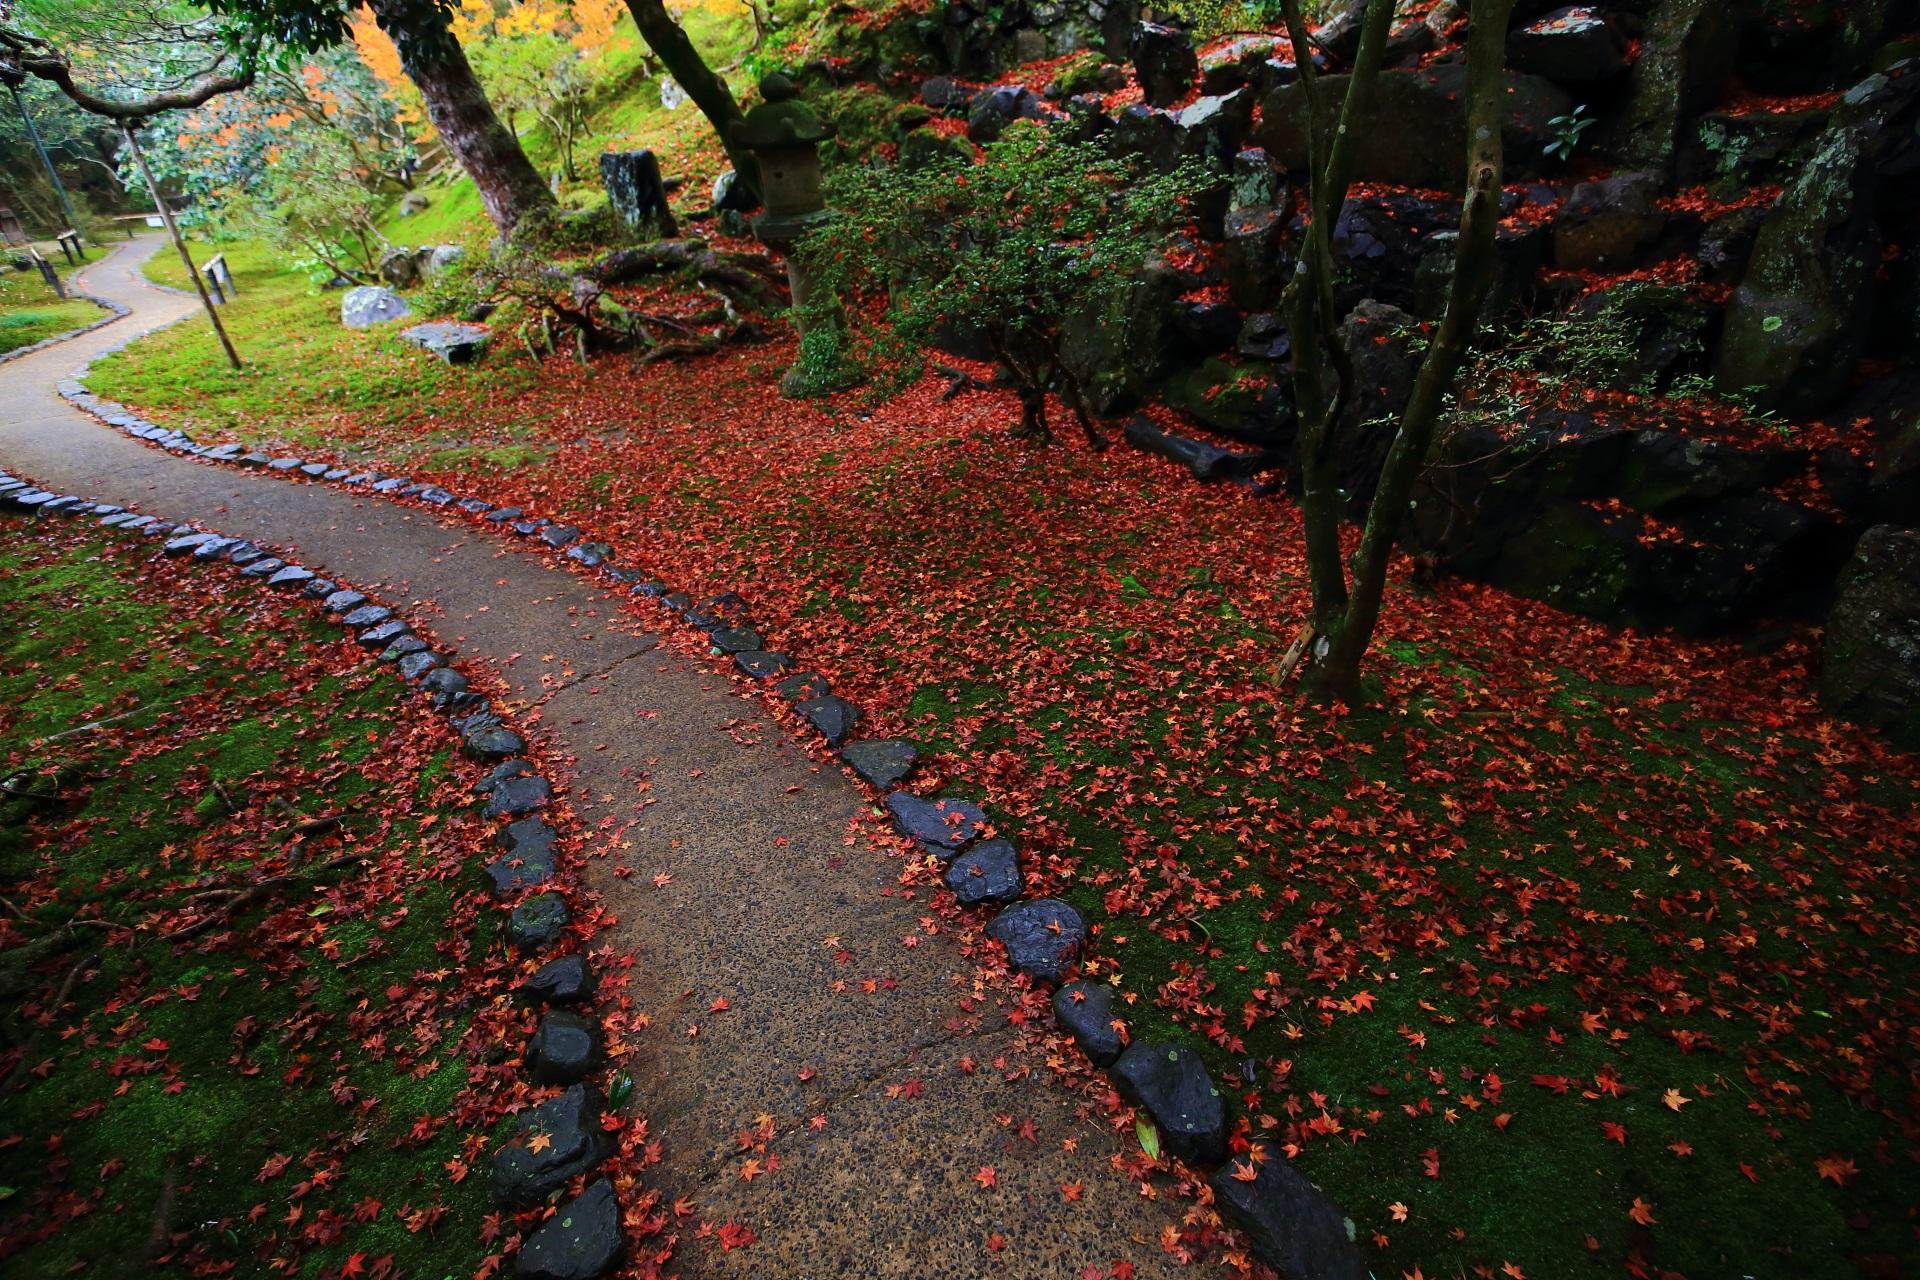 霊鑑寺の素晴らしい紅葉や秋の庭園